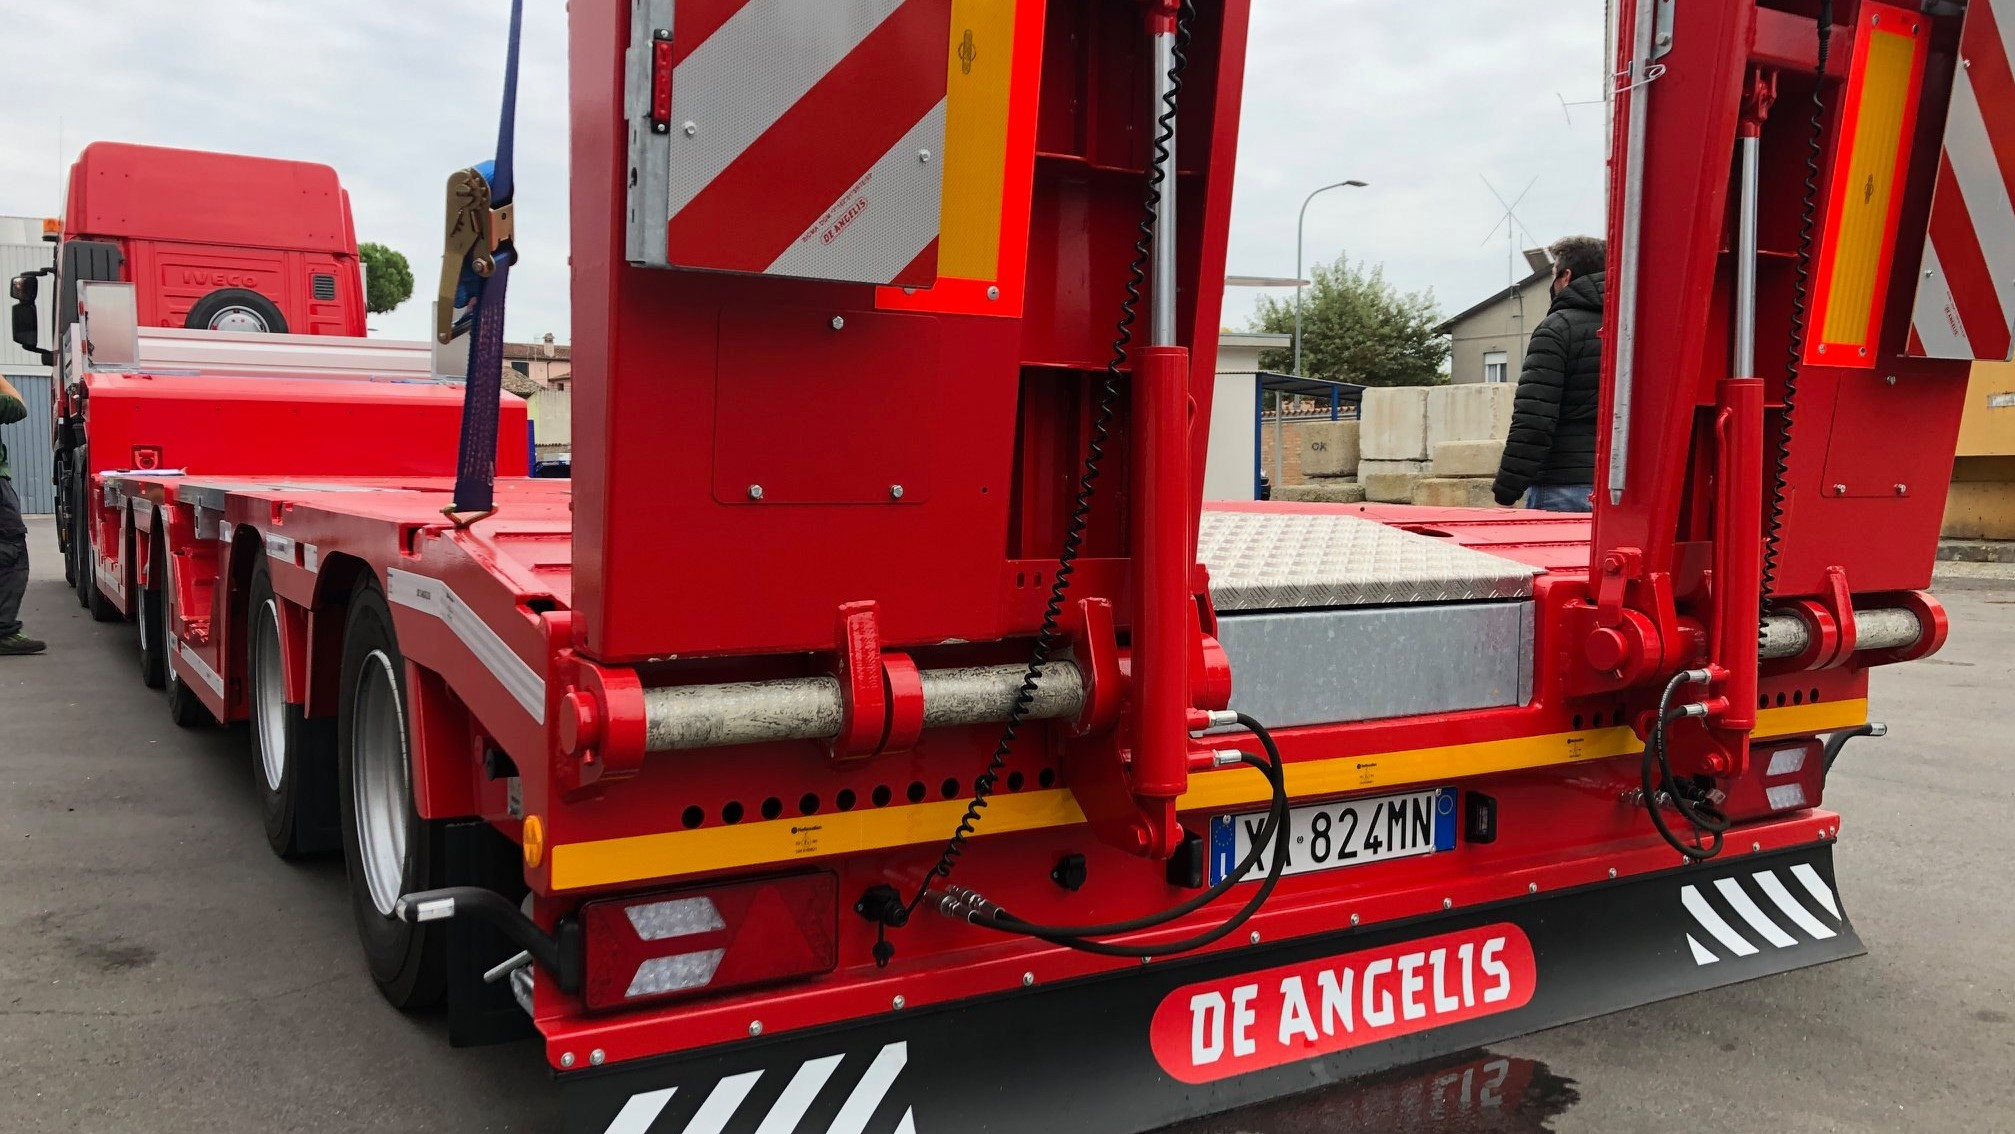 La cura dei dettagli di De Angelis è apprezzata dai clienti